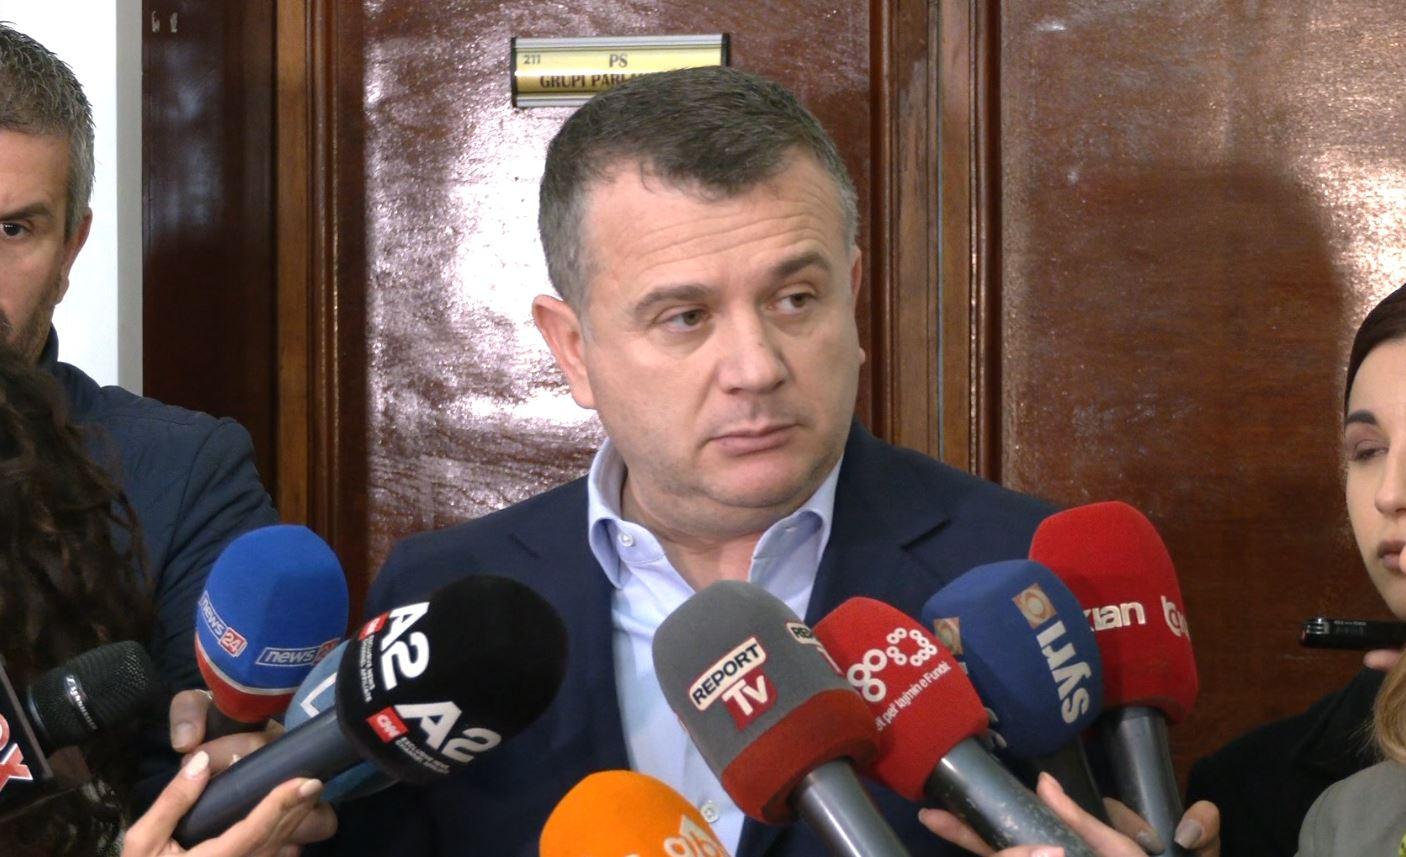 Balla: Besnik Muçi e humbi të drejtën të jetë gjyqtar Kushtetues, të largohet